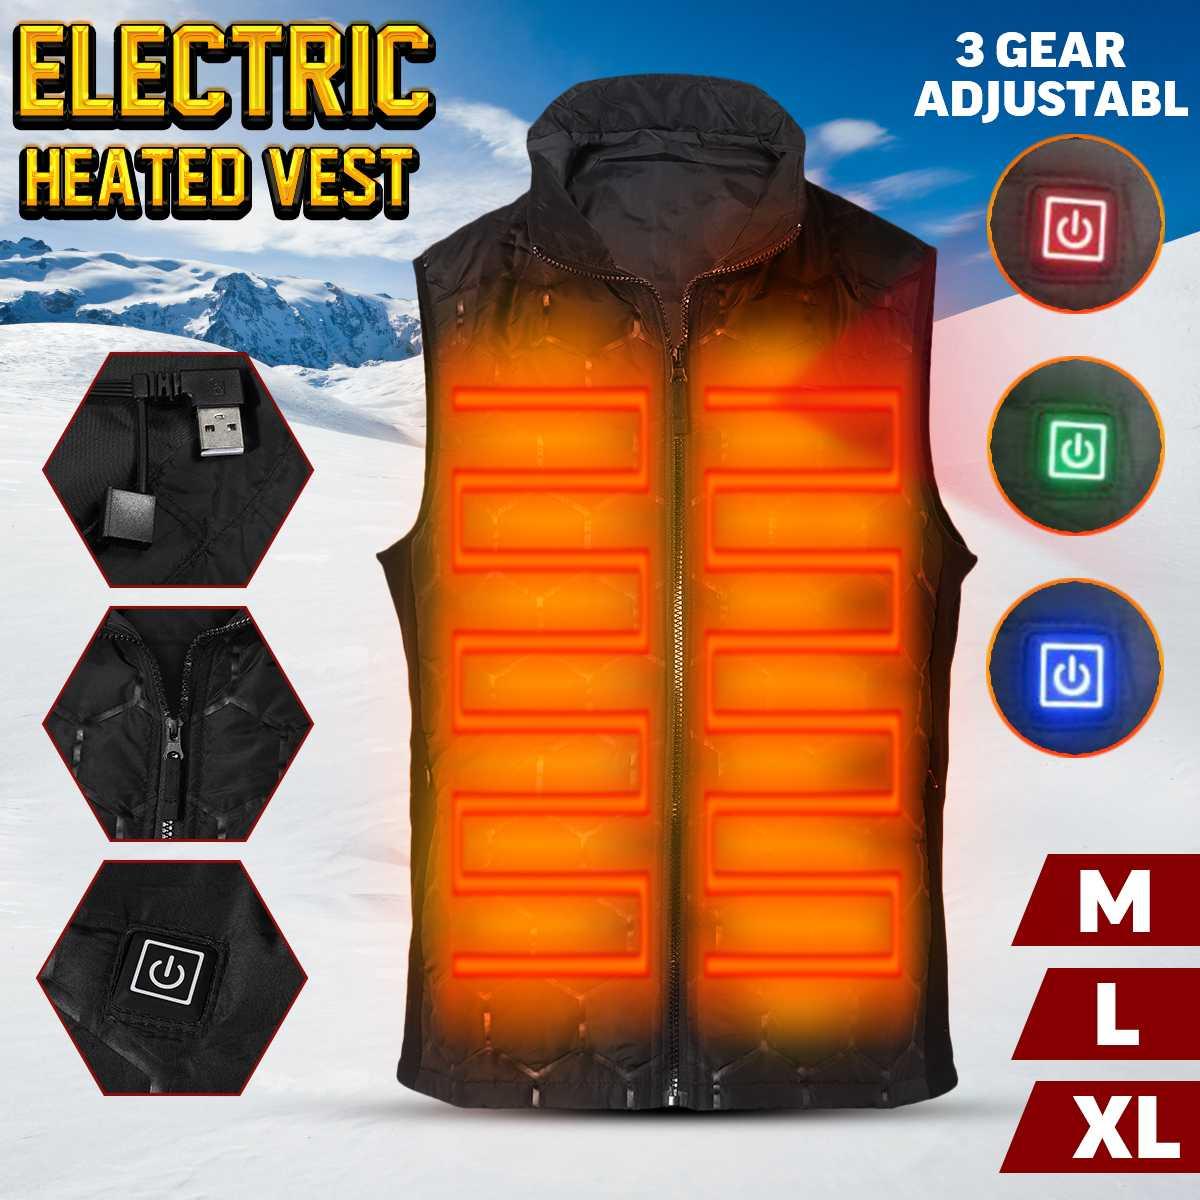 Nuevo chaleco eléctrico calentador Usb chaqueta de calefacción Ultra-Delgado ropa de invierno caliente hombres mujeres térmica chaleco sin mangas al aire libre